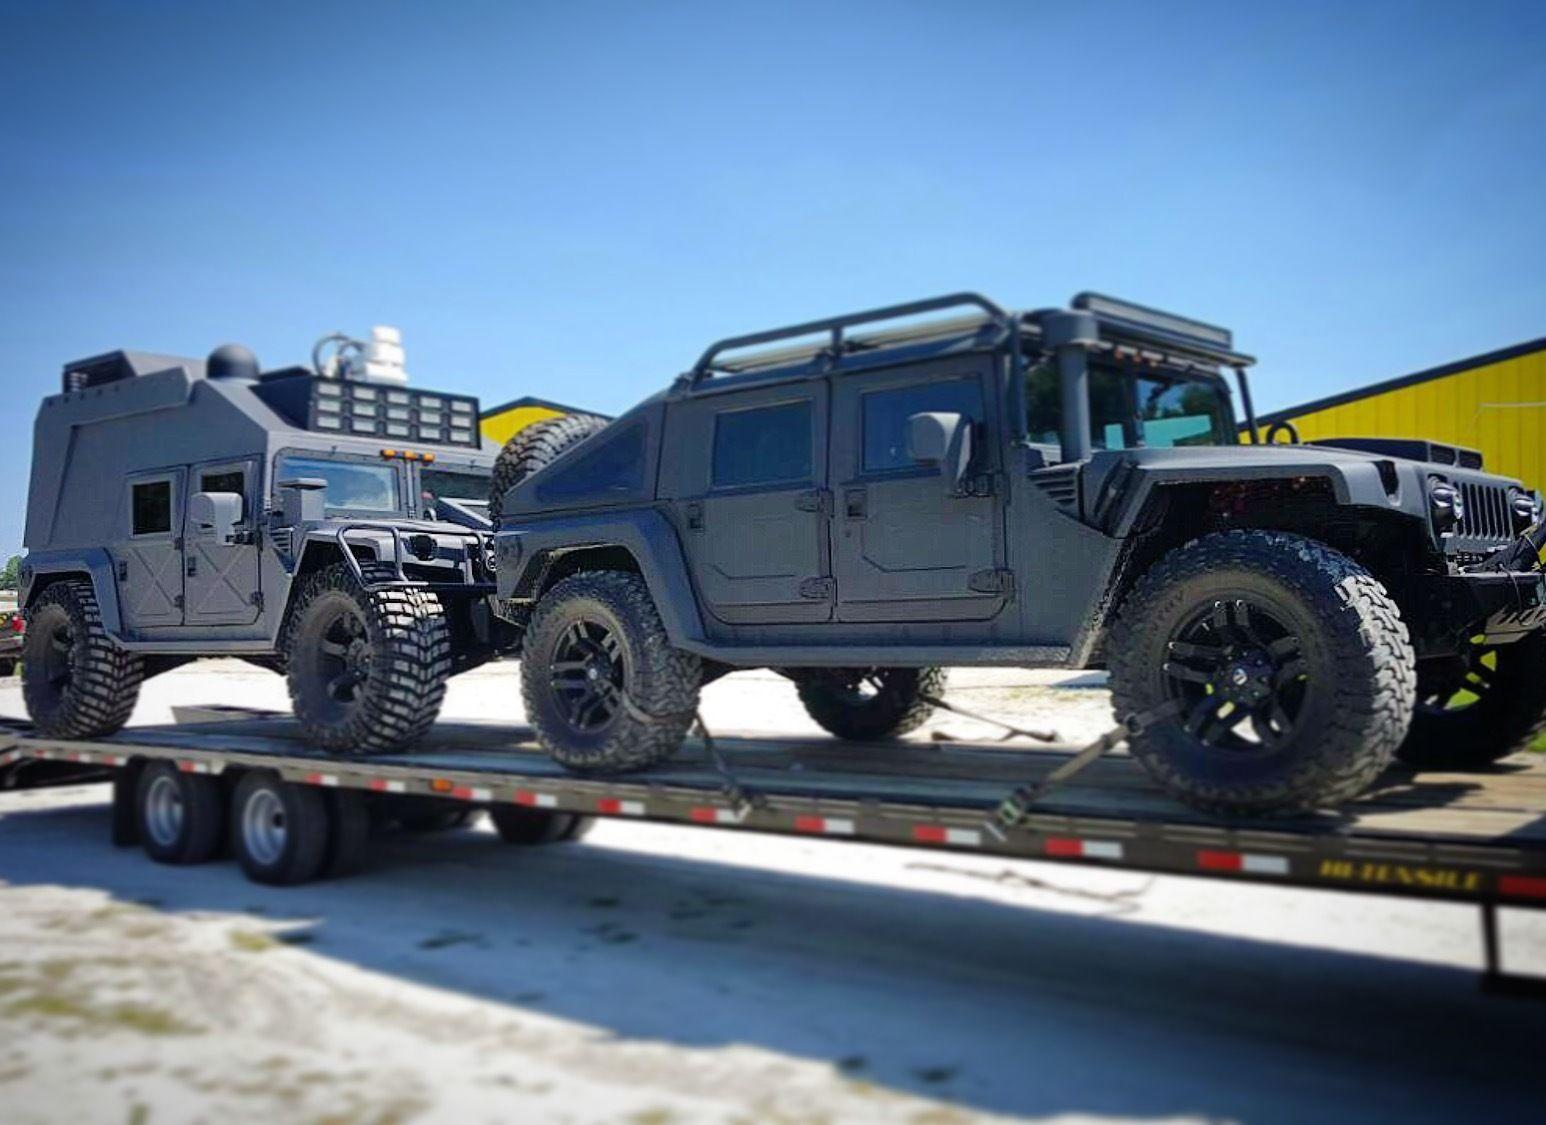 2014 Hummer H1 Search and Rescue   eBay   Тачка на прокачку